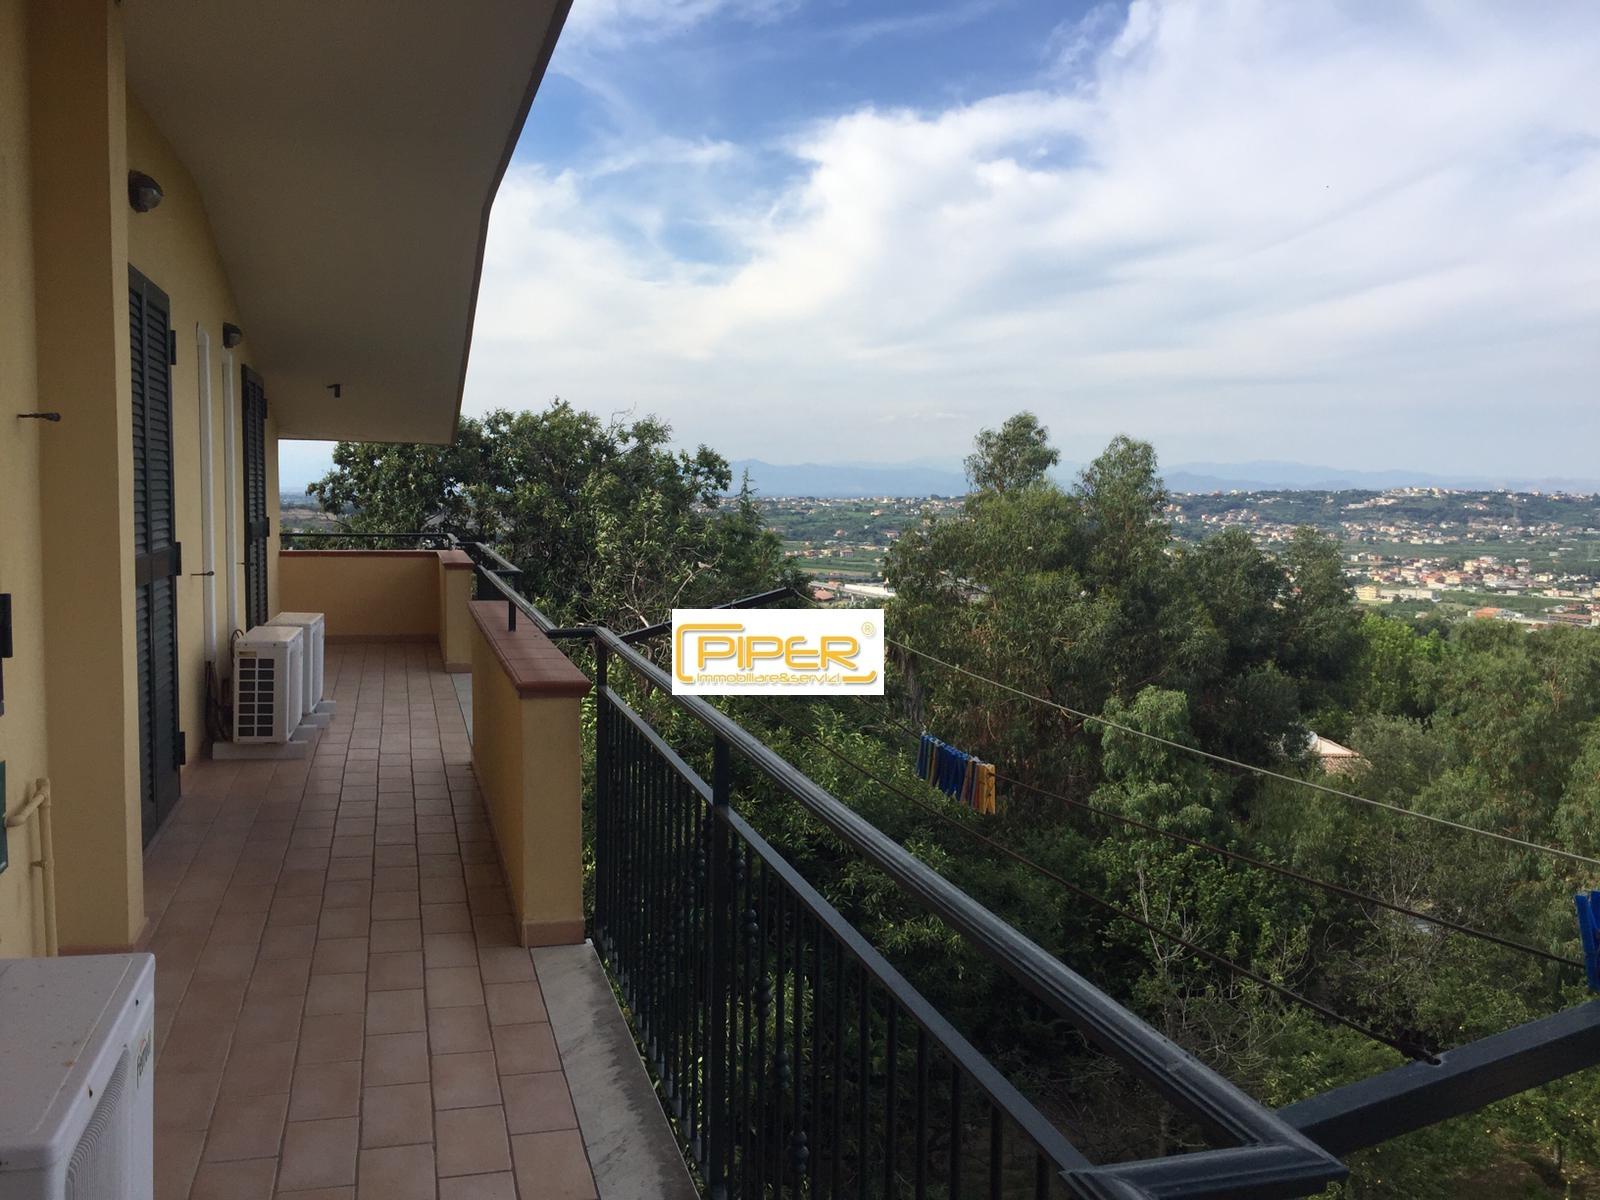 Appartamento in affitto a Pozzuoli, 6 locali, zona Località: Monterusciello, prezzo € 800 | CambioCasa.it